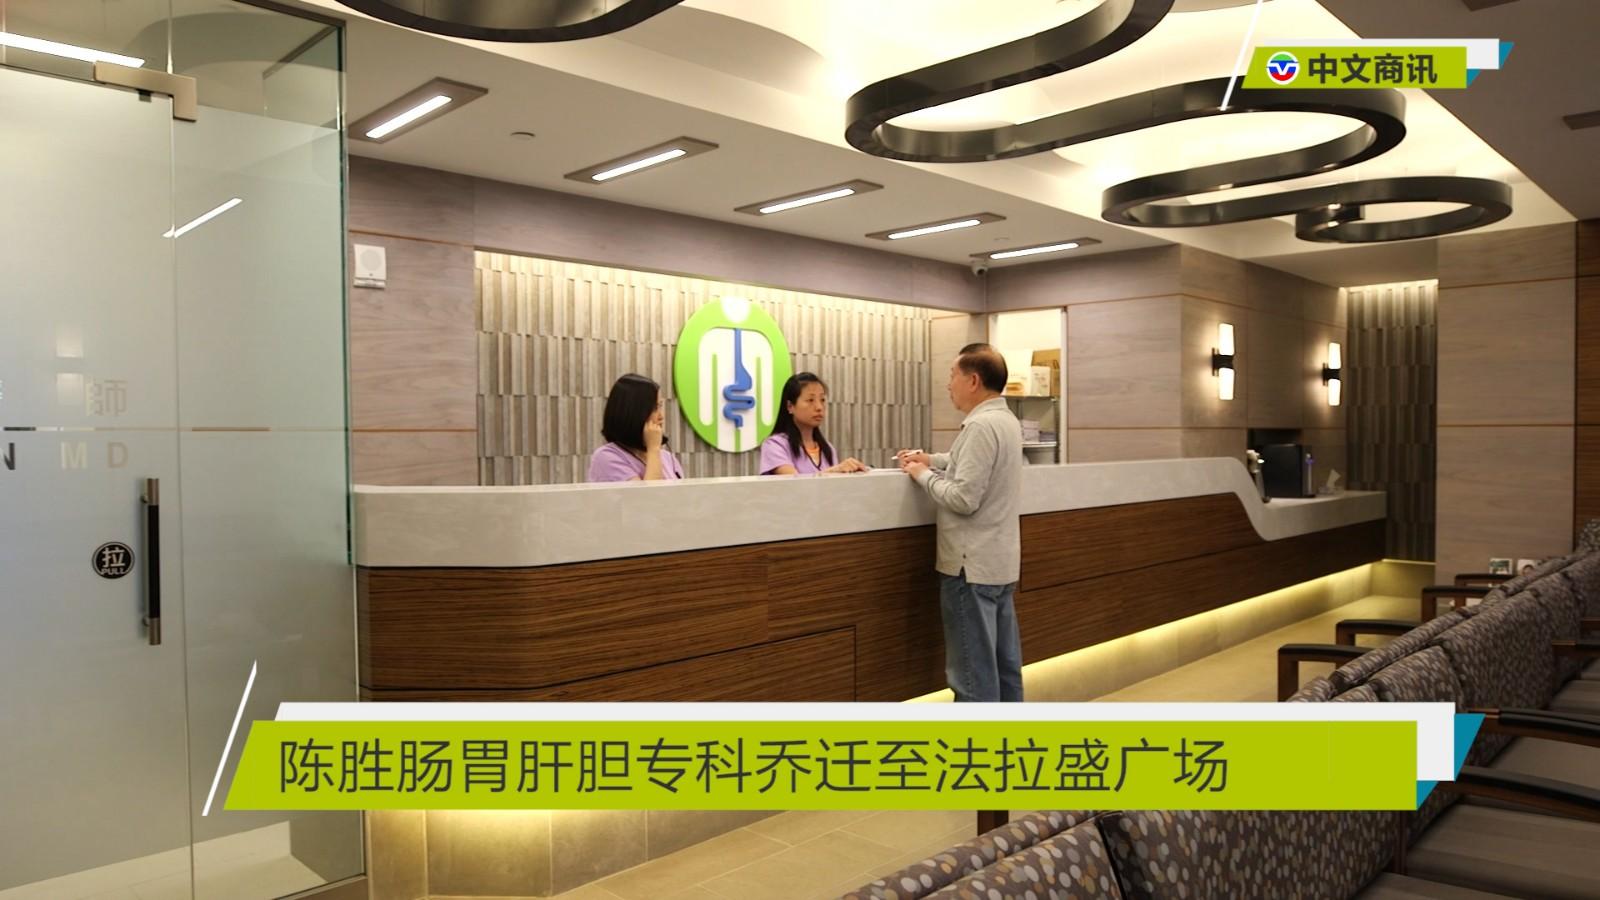 【视频】陈胜肠胃肝胆专科乔迁至法拉盛广场